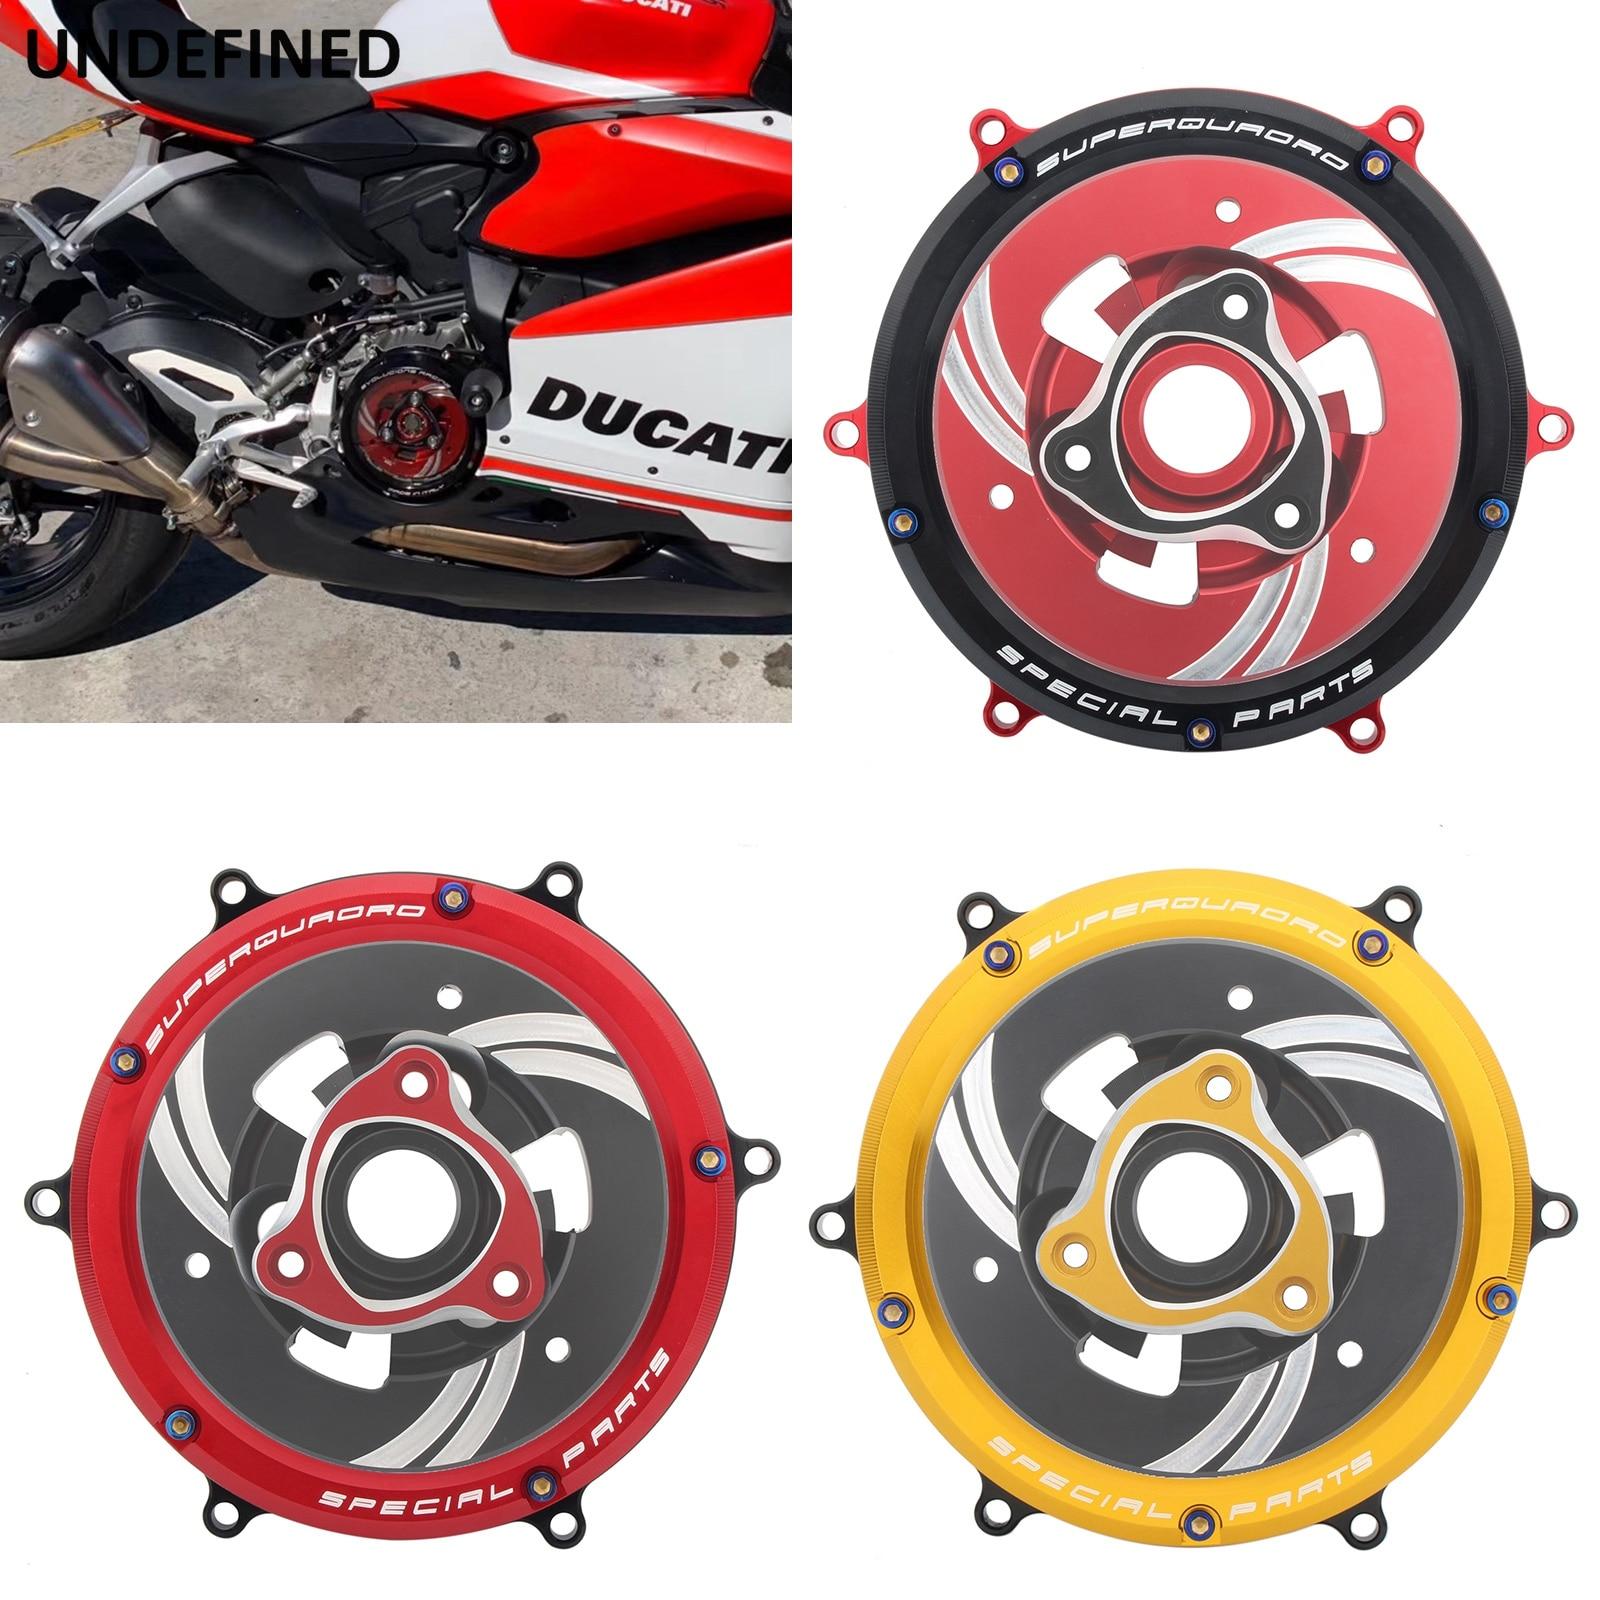 غطاء القابض معدات الحماية باستخدام الحاسب الآلي للدراجات النارية دوكاتي Panigale 1299 11199 959 Corse R S ABS 2012 2013-2019 أحمر/أسود/ذهبي واضح